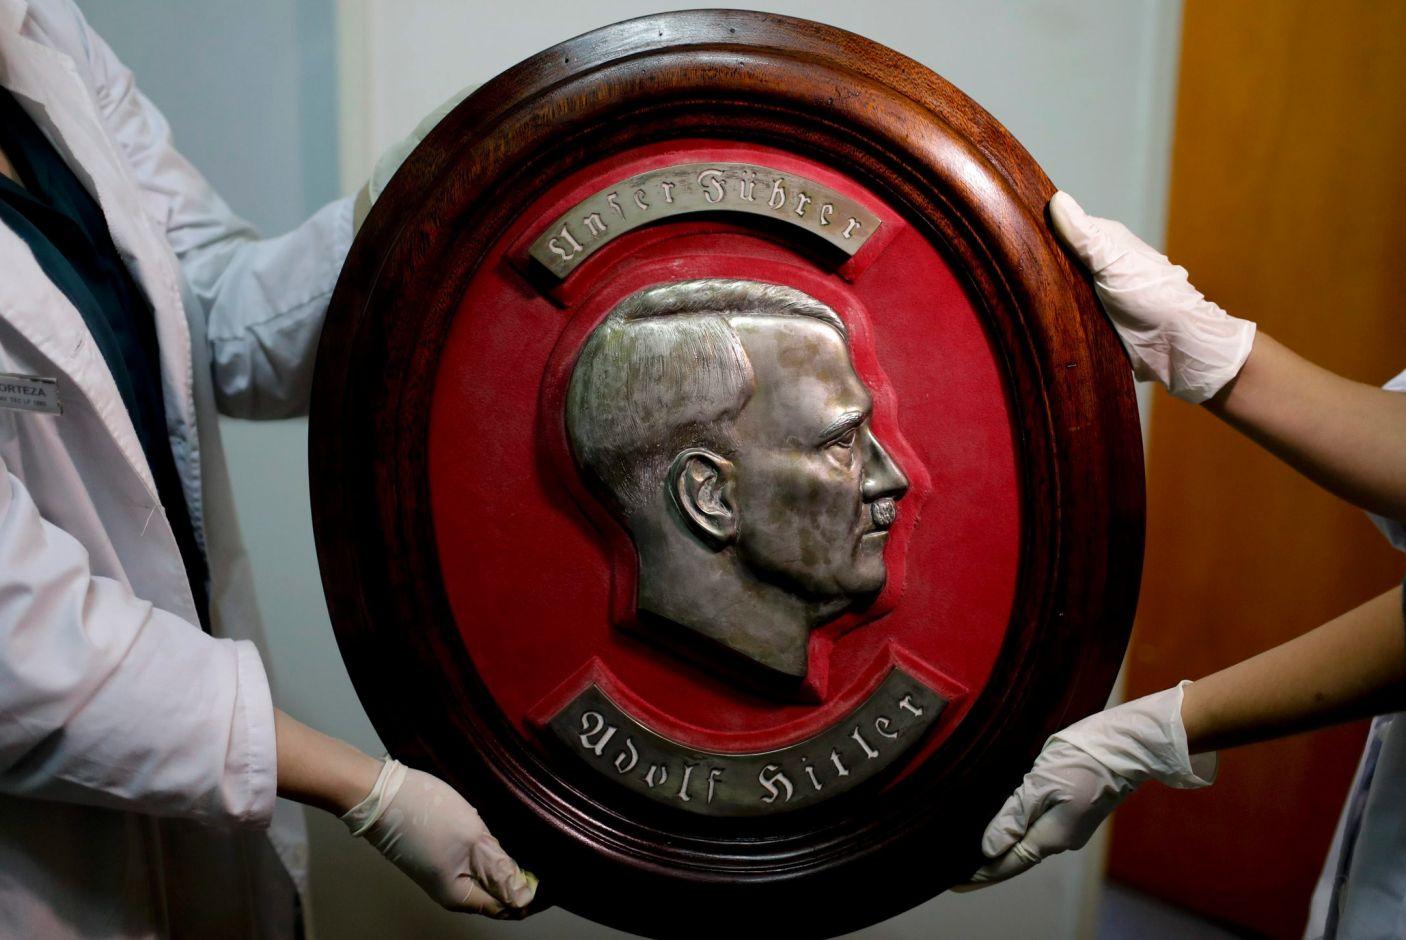 Рельеф с изображением профиля Адольфа Гитлера